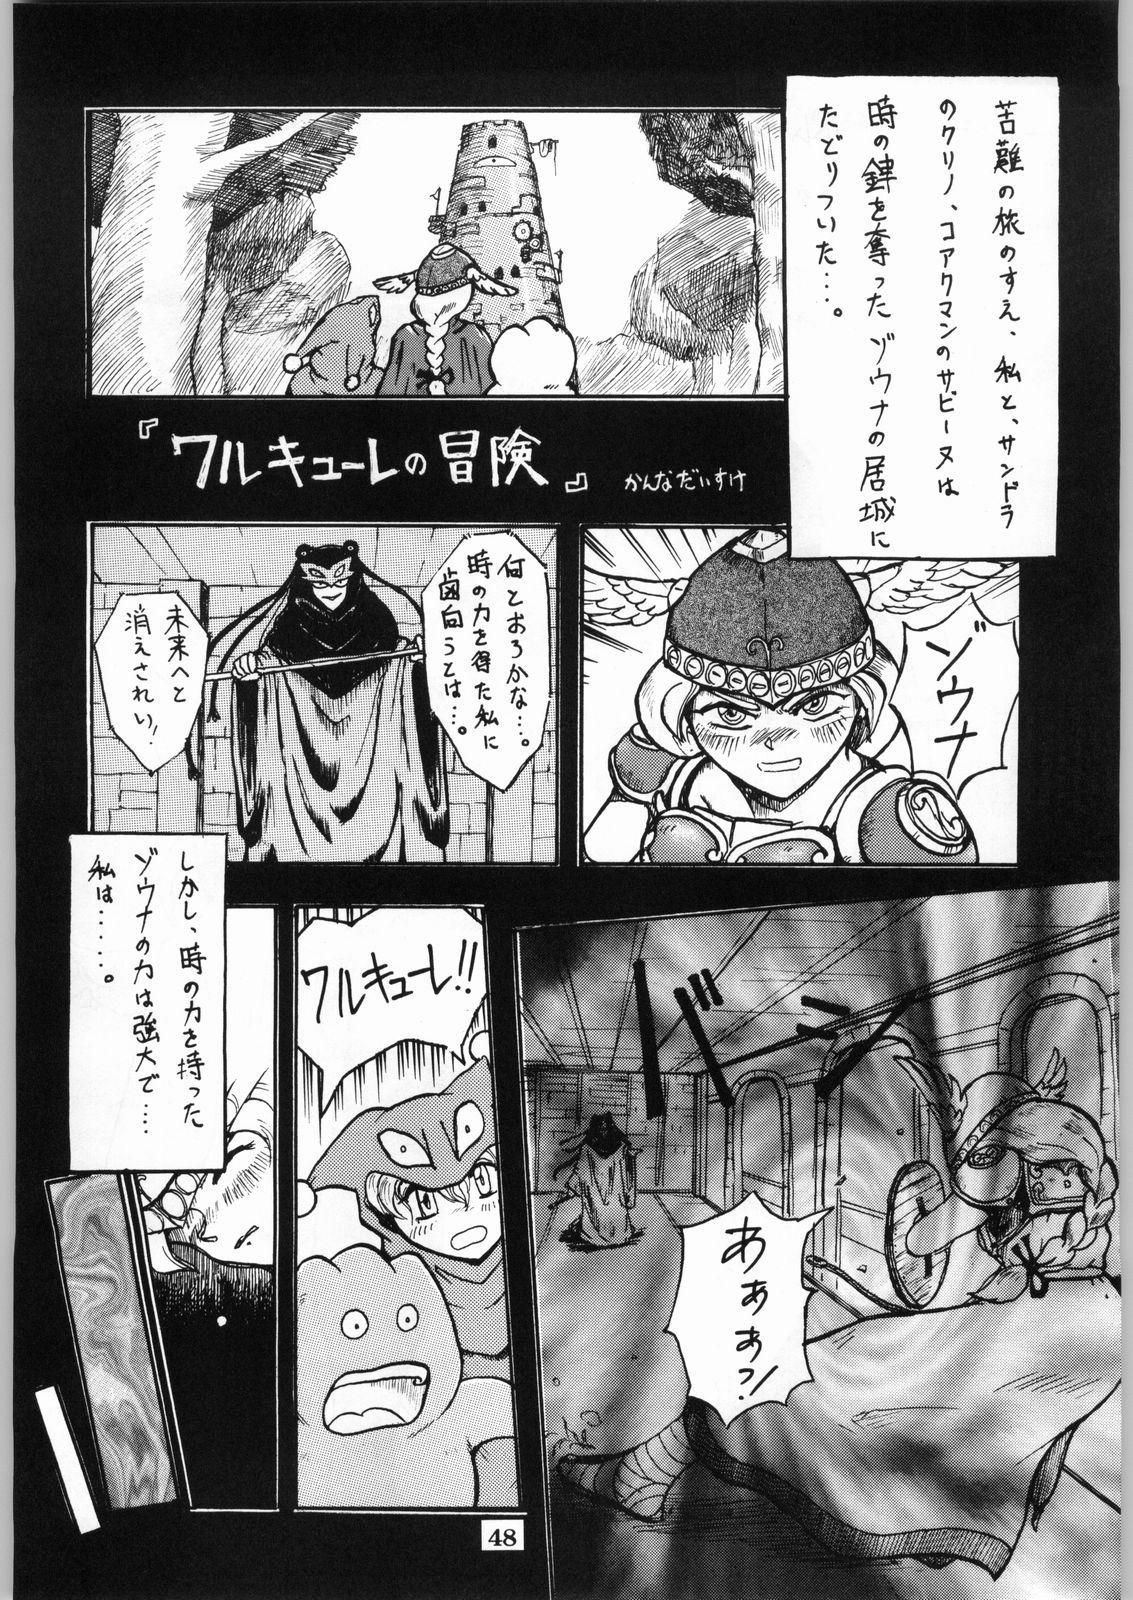 Shikiyoku Hokkedan 8 47